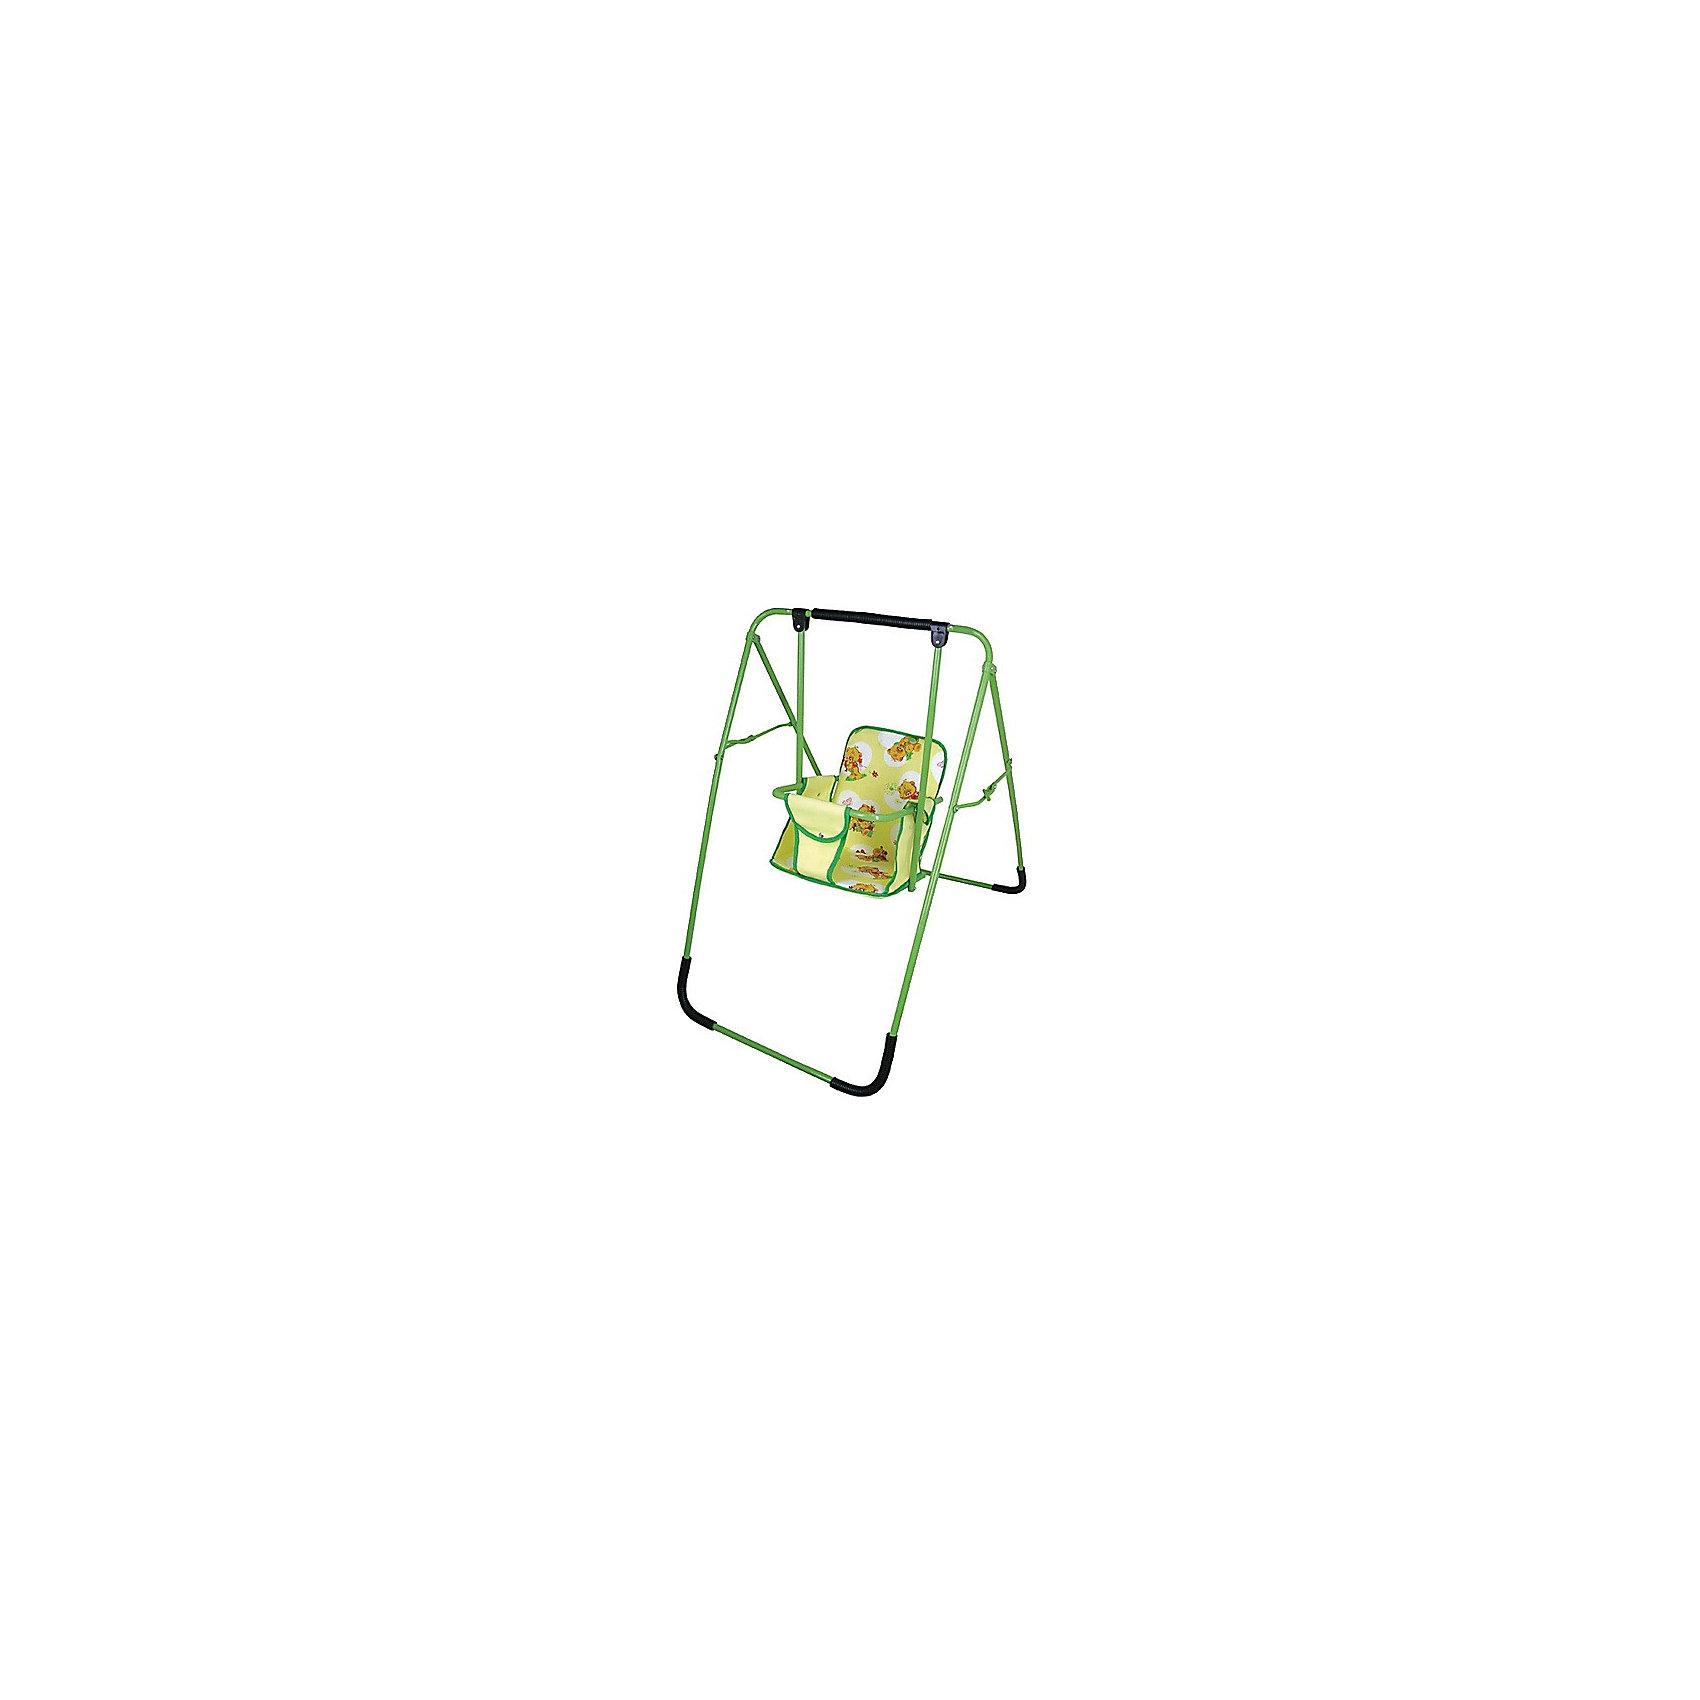 Качели универсальные Чарли ФеяХарактеристики:<br><br>• Наименование: качели напольные<br>• Сезон: круглый год<br>• Пол: универсальный<br>• Материал: металл, текстиль, пластик<br>• Цвет: зеленый, желтый<br>• Наличие мягкого съемного сиденья<br>• Наличие ремней безопасности<br>• Устойчивый каркас с антискользящими накладками<br>• Механизм складывания: книжка<br>• Максимально допустимый вес: до 15 кг<br>• Размеры (Д*Ш*В): 69*110*102 см <br>• Вес: 6 кг<br><br>Качели универсальные Чарли Фея ппредназначены для детей младшего дошкольного возраста. Изготовлены из устойчивой конструкции, предотвращающей опрокидывания и пошатываения во время качания, делают их безопасными даже для самых маленьких детей. Широкое сиденье выполнено в форме стульчика со съемным чехлом, что делает их удобными в уходе. Конструкция имеет складной механизм и легкий вес, что позволяет их использовать не только дома, но и брать с собой на дачу или на природу. <br><br>Качели универсальные Чарли Фея можно купить в нашем интернет-магазине.<br><br>Ширина мм: 500<br>Глубина мм: 200<br>Высота мм: 100<br>Вес г: 2000<br>Возраст от месяцев: 36<br>Возраст до месяцев: 84<br>Пол: Унисекс<br>Возраст: Детский<br>SKU: 5120642